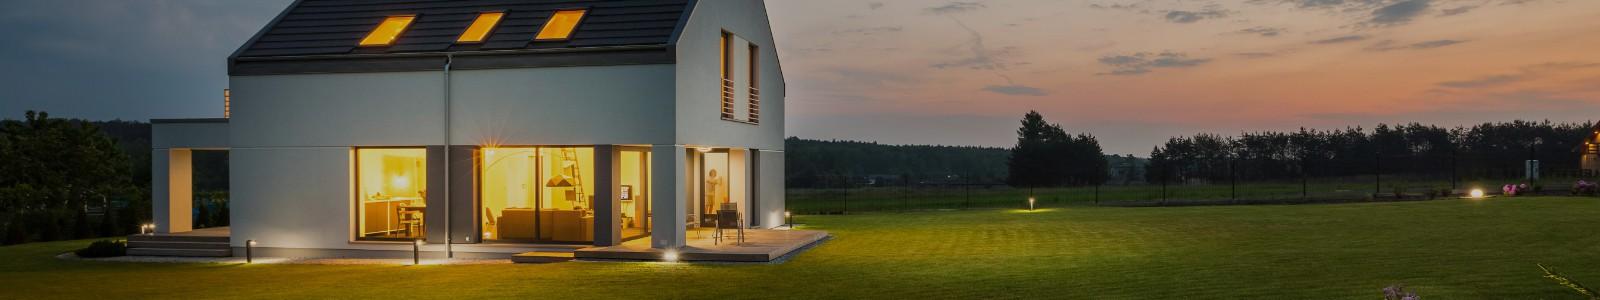 Projekty Domów Piętrowych | Perfekcja Wizji